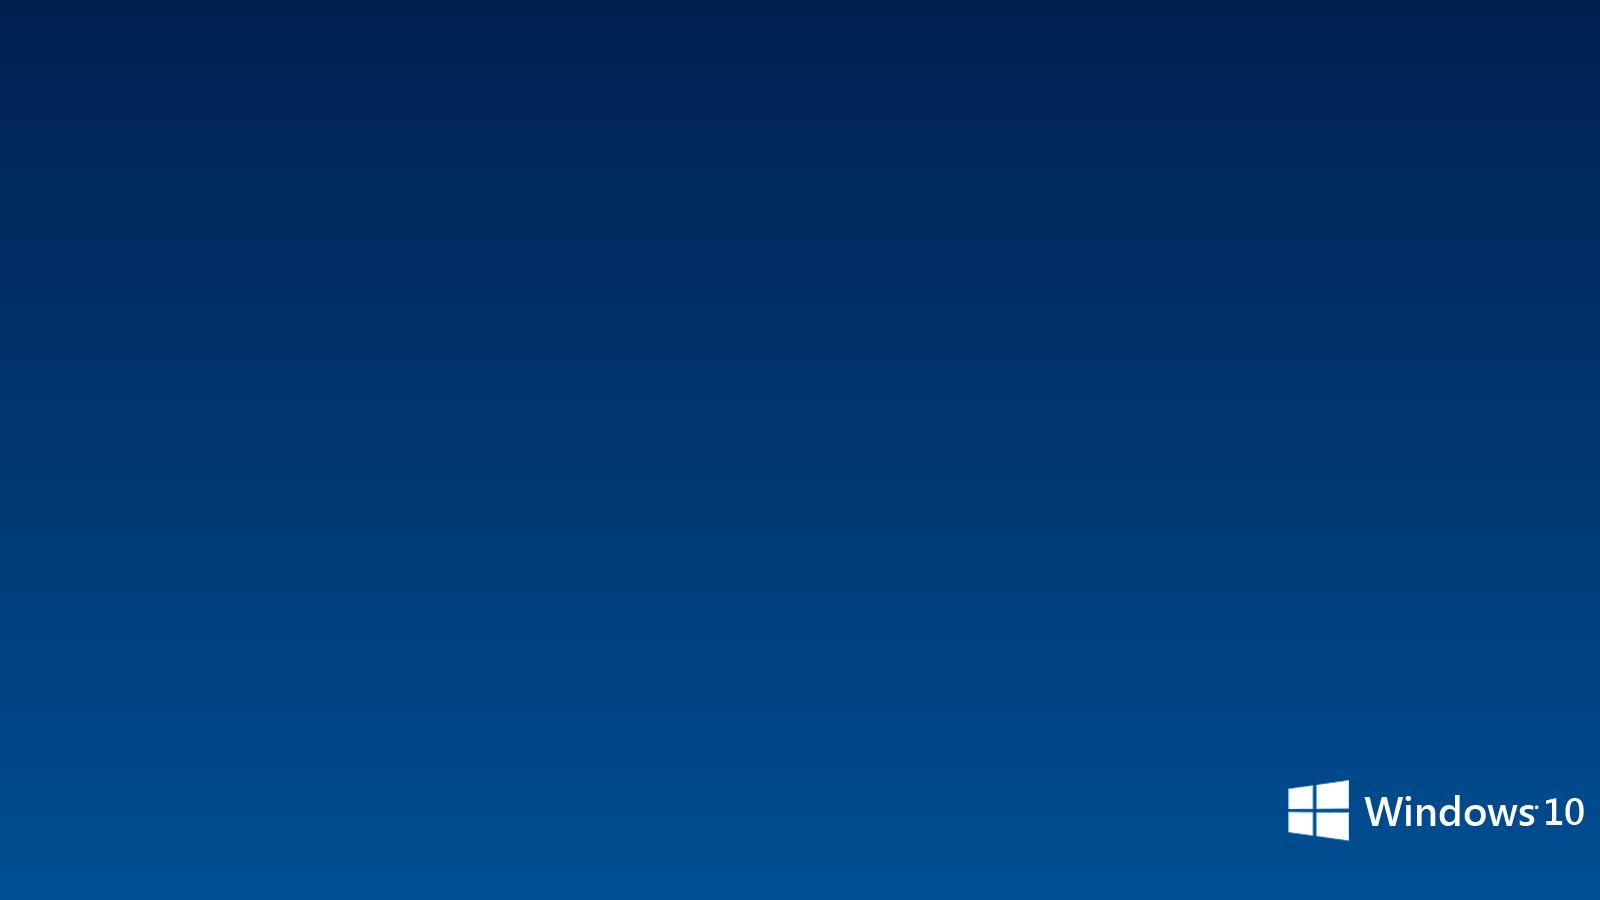 Blue Windows 10 Wallpaper PC #9523 Wallpaper | High Resolution